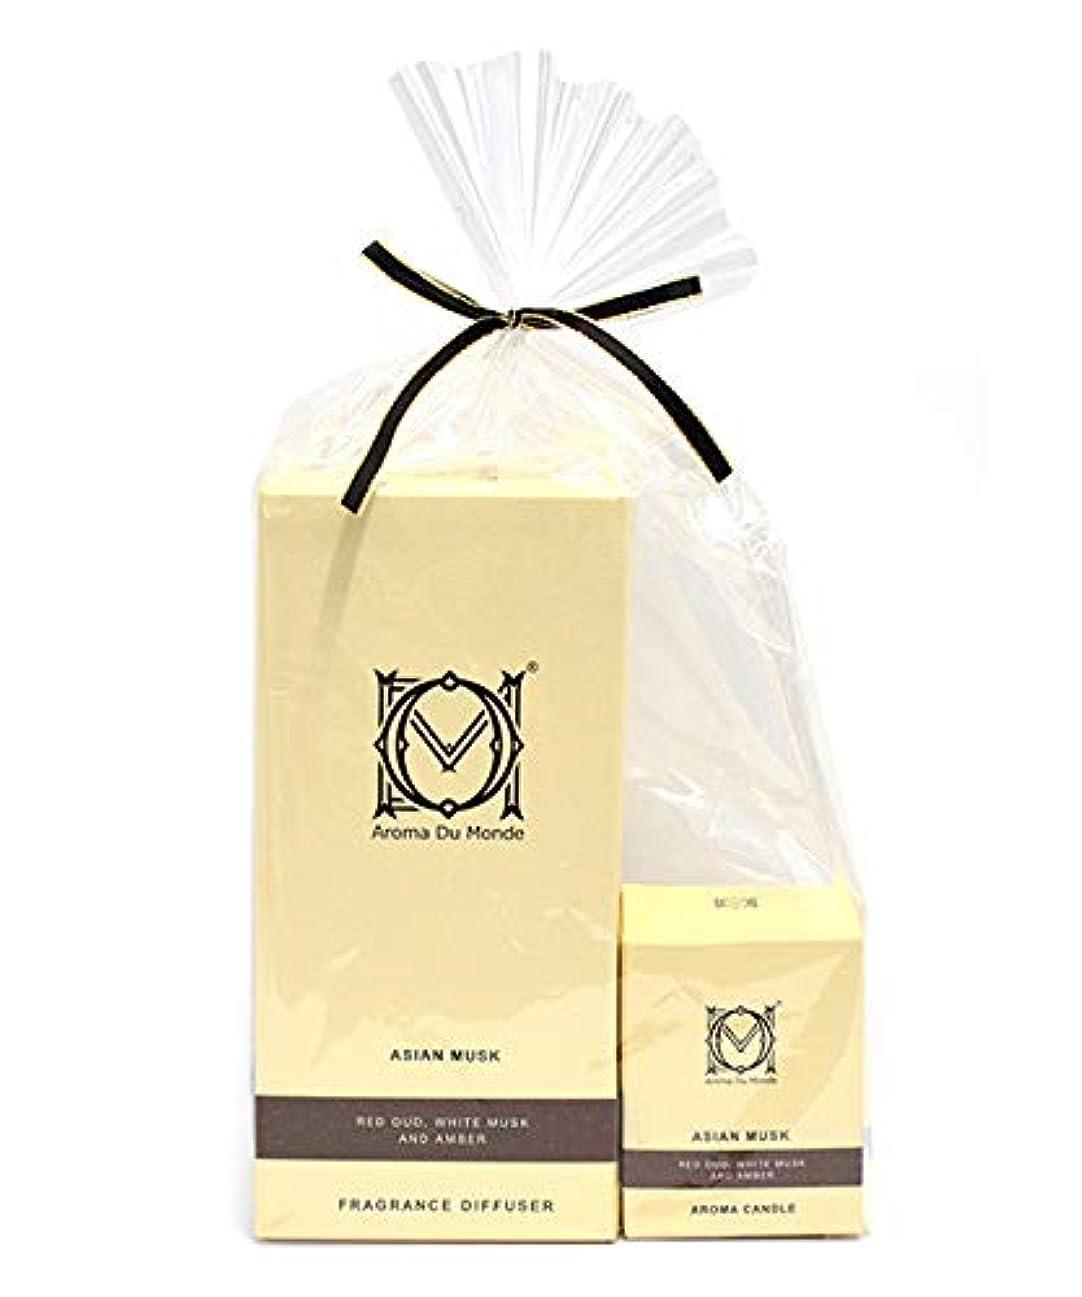 飛躍バンケット公平なフレグランスディフューザー&キャンドル アジアンムスク セット Aroma Du Monde/ADM Fragrance Diffuser & Candle Asian Musk Set 81157